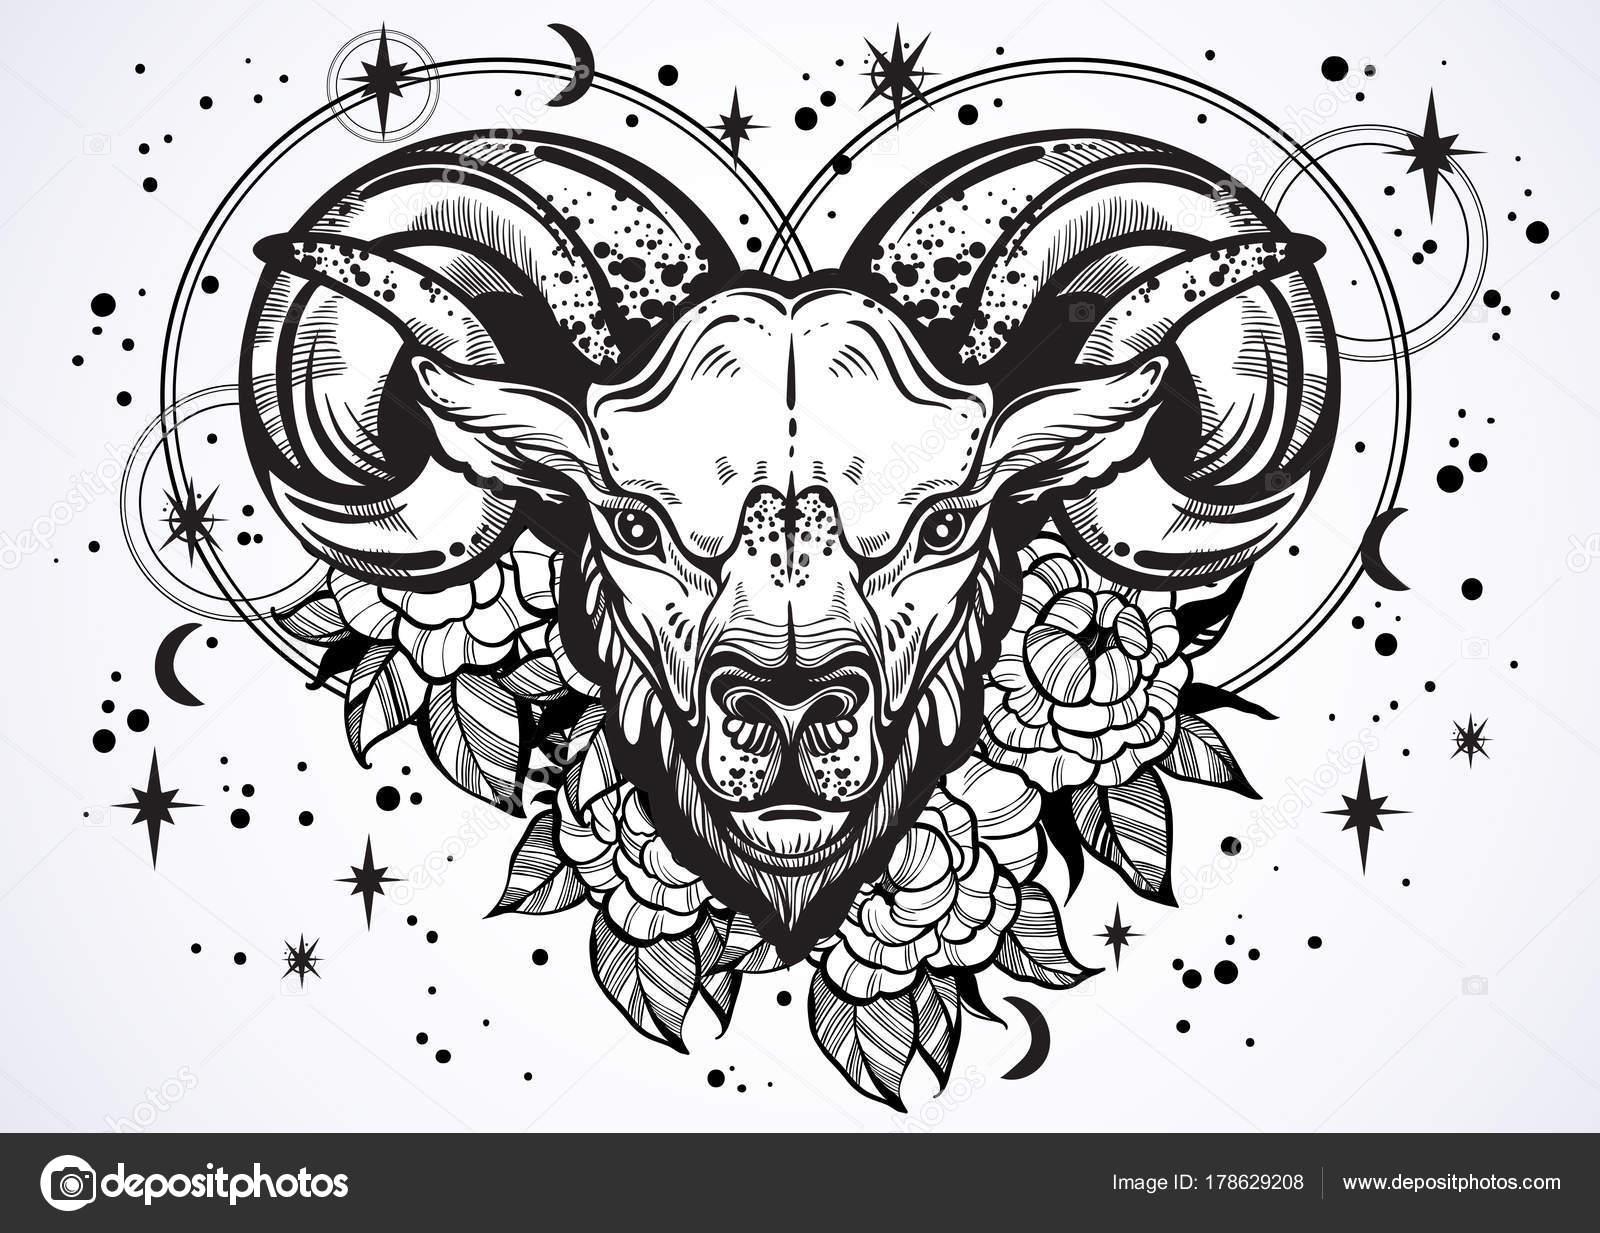 Aries Ram Tattoo Designs